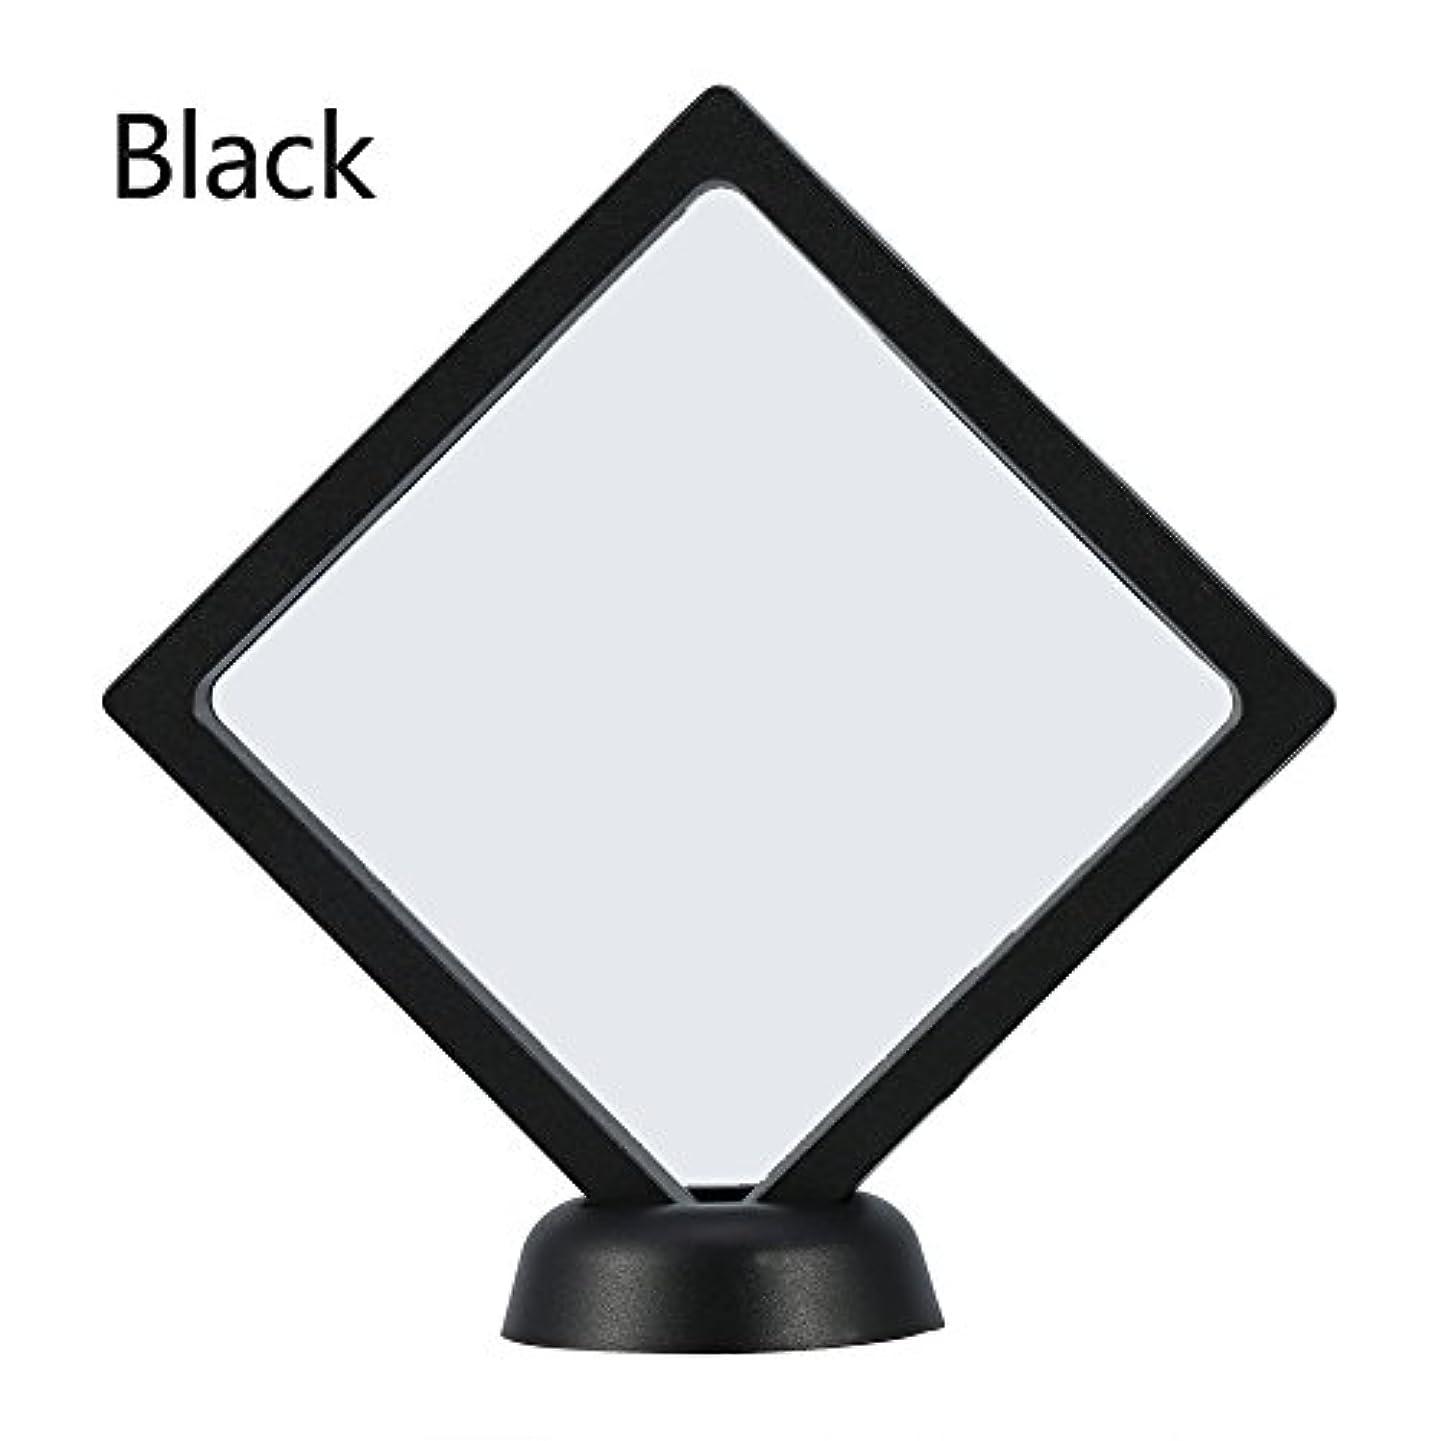 無効前提電報アクリルネイルプレートとPETフィルムディスプレイスクリーン付きの2つのダイヤモンドネイルディスプレイスタンド - 4.3 4.3インチネイルホルダーツール(Black)